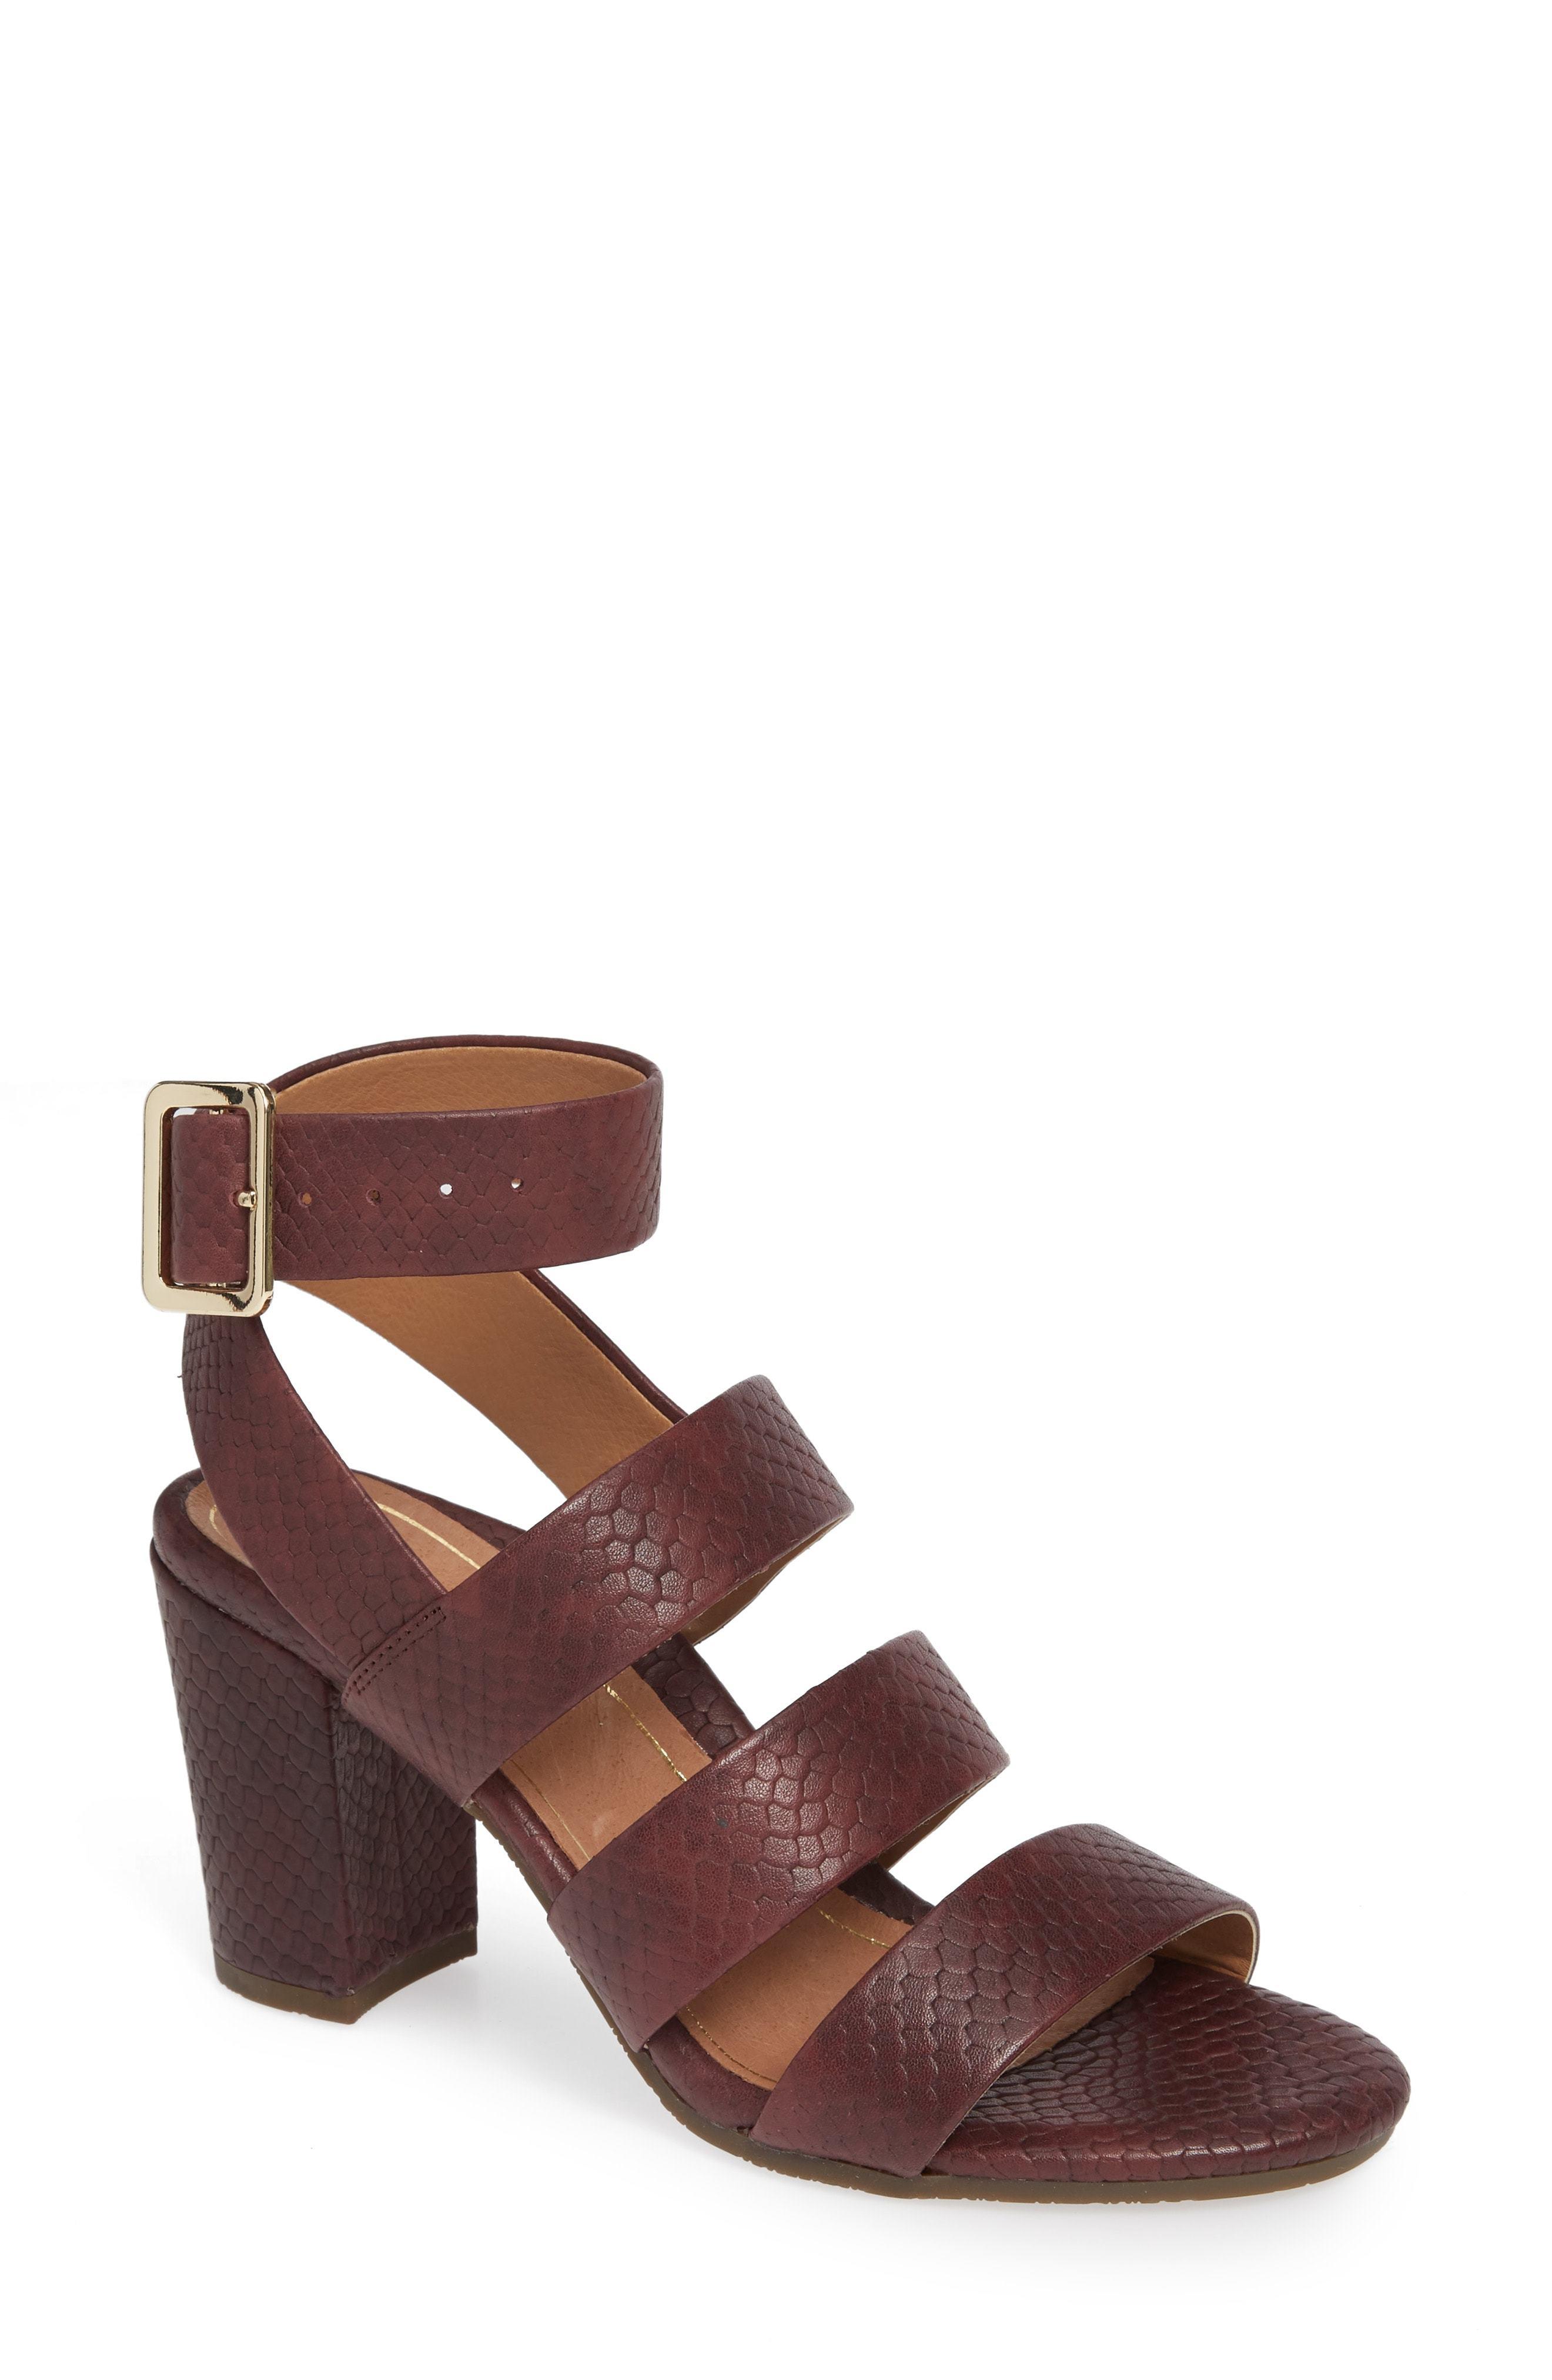 cfff5754f75 ... Vionic Blaire Block Heel Sandal